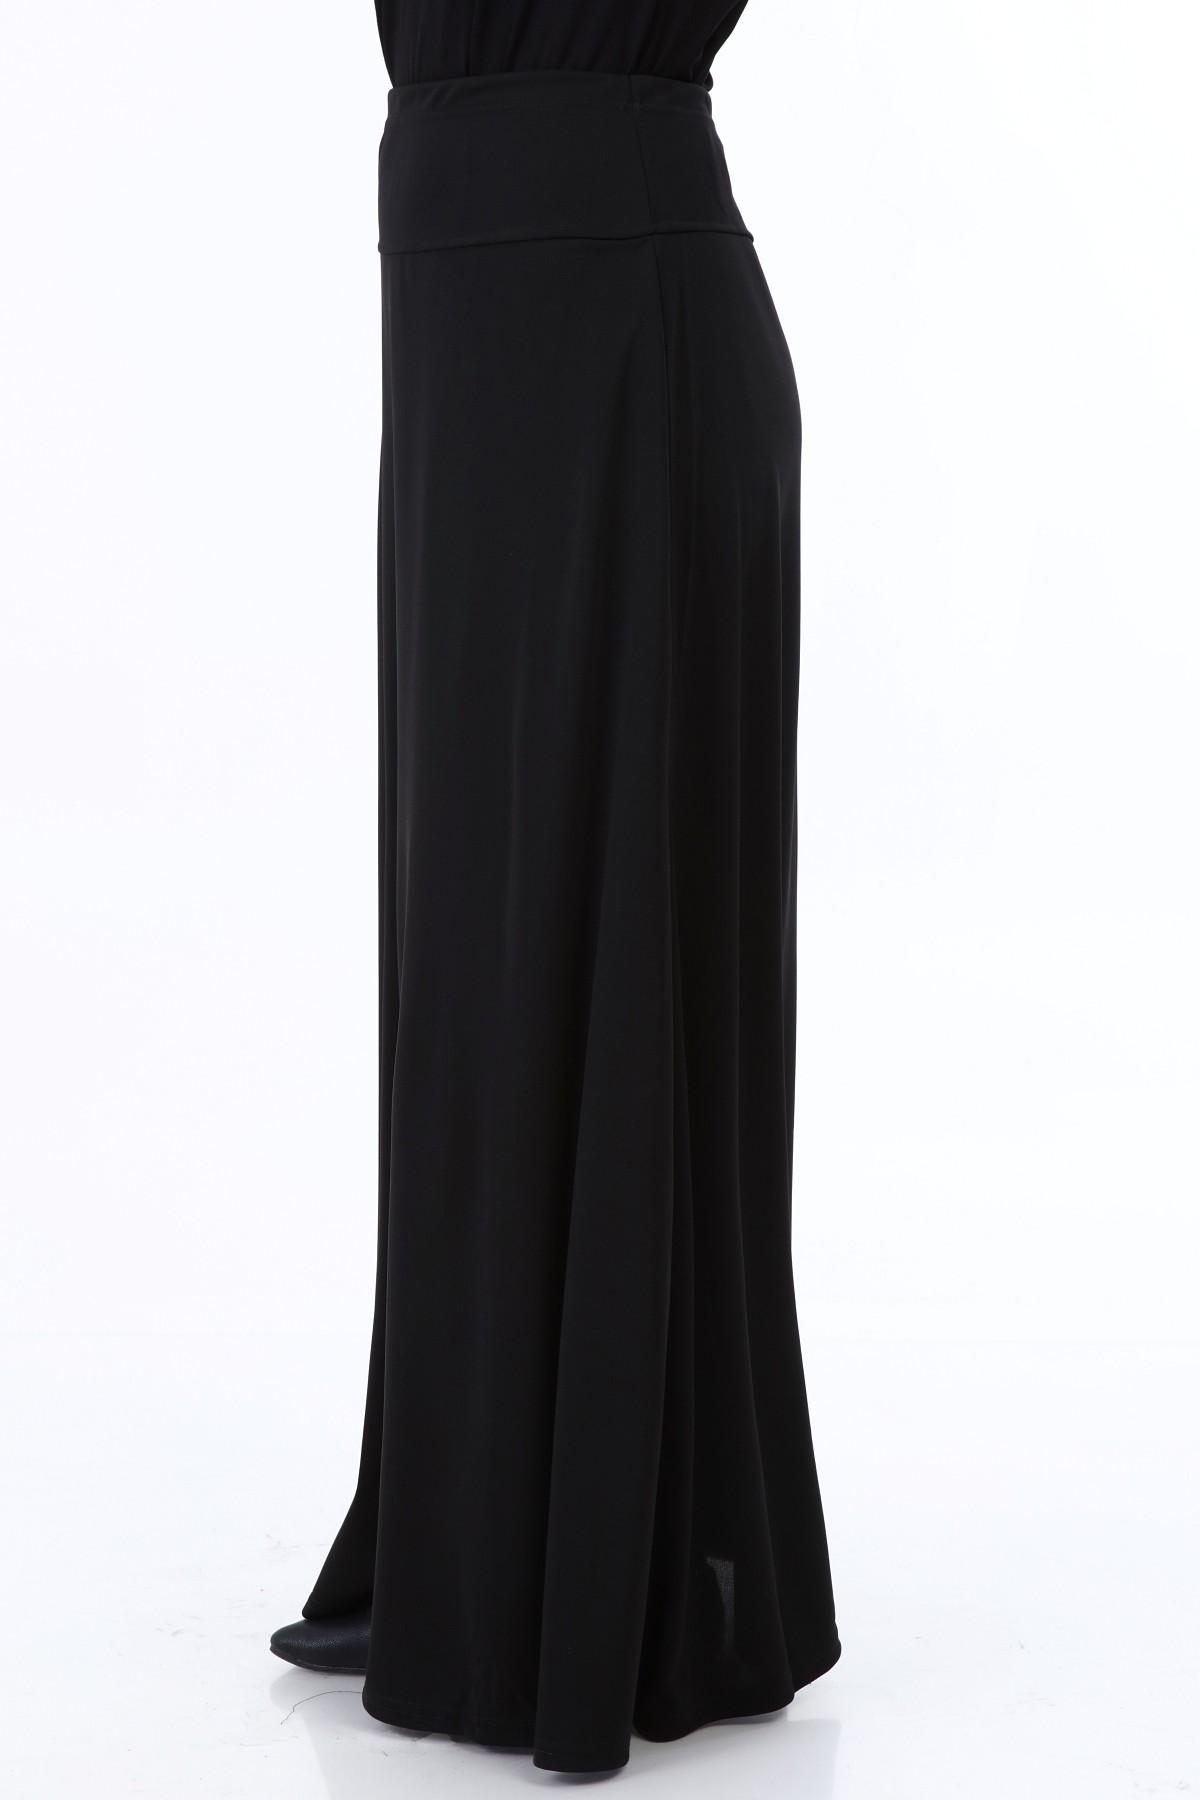 חצאית ליידיס B2 מהצד - מנצחת אקונומיקה